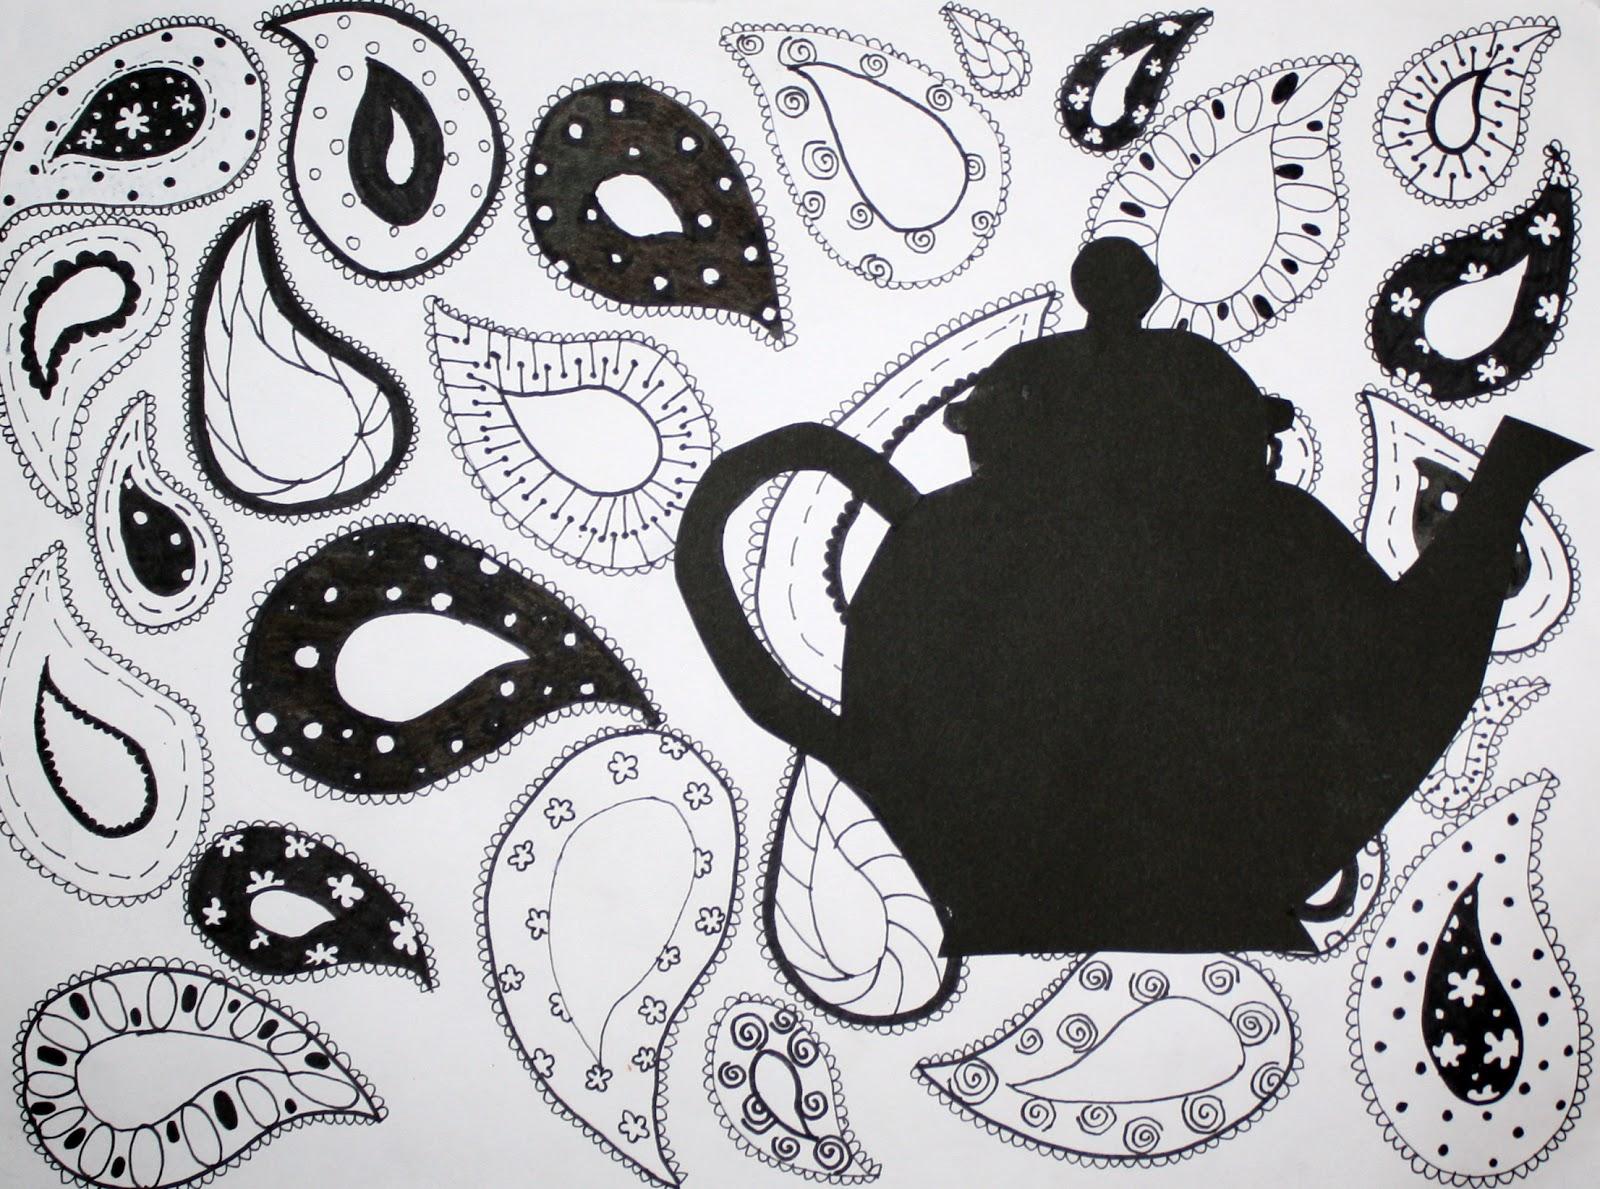 Drawn teacup teapot #10